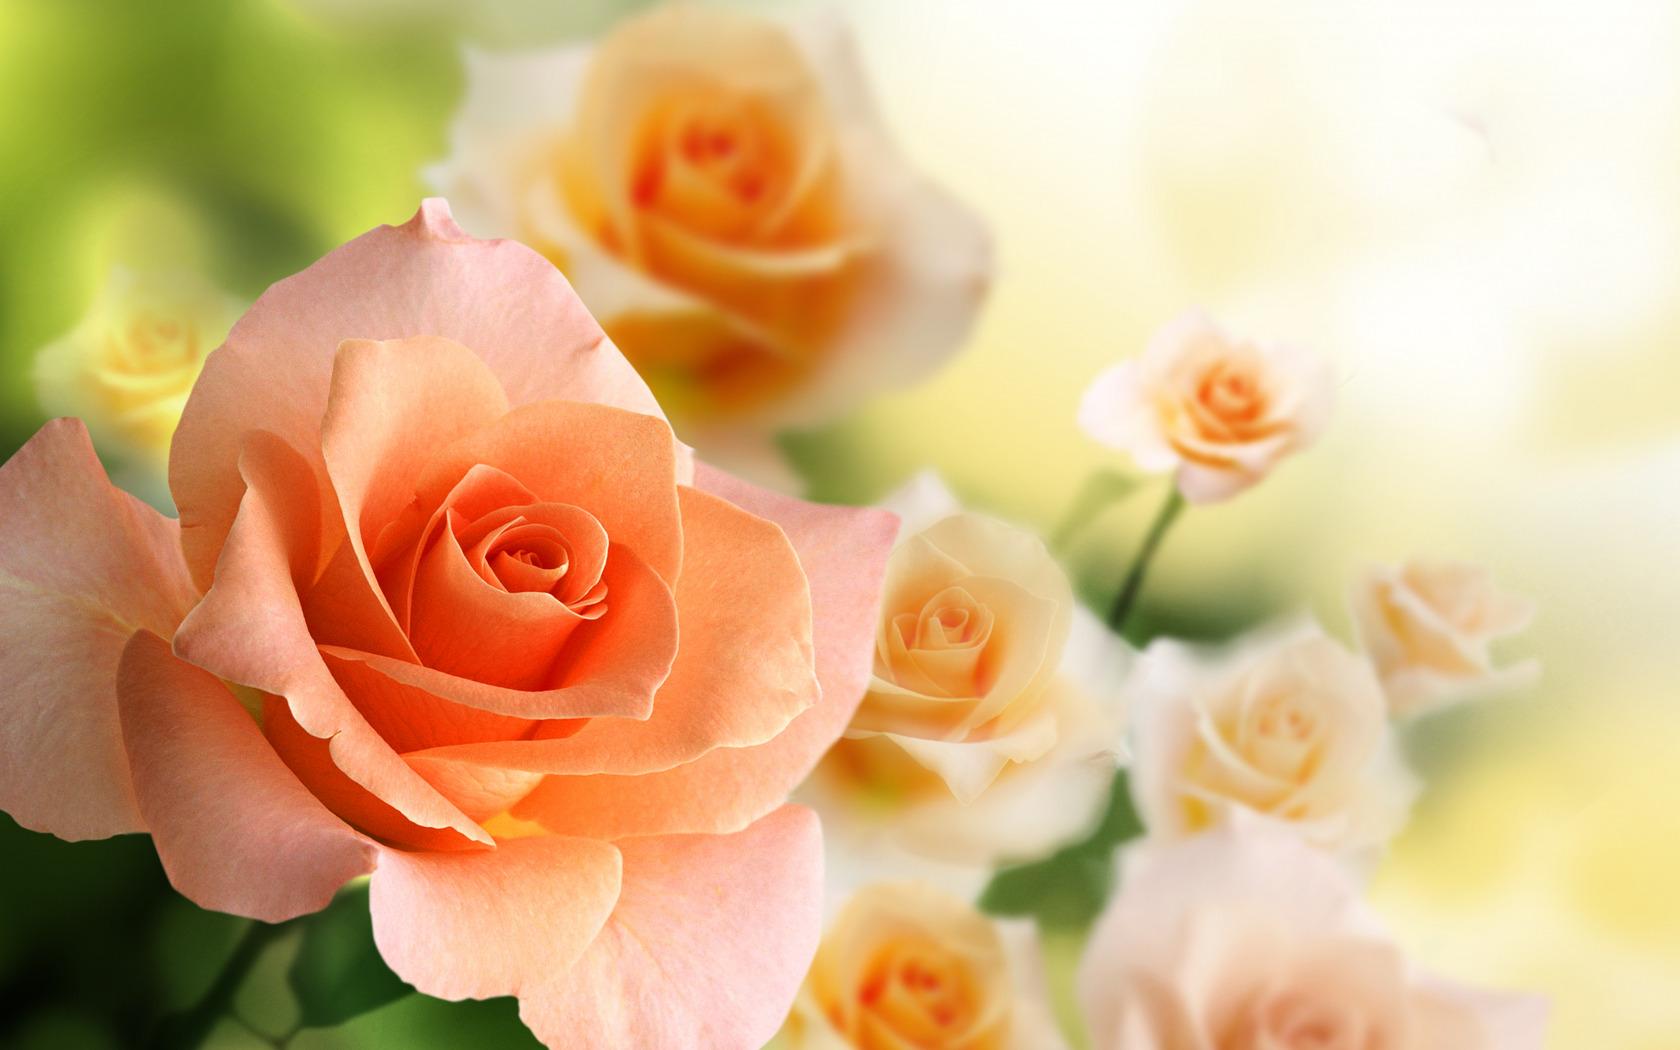 выбор красивые картинки с цветы немолодых леди